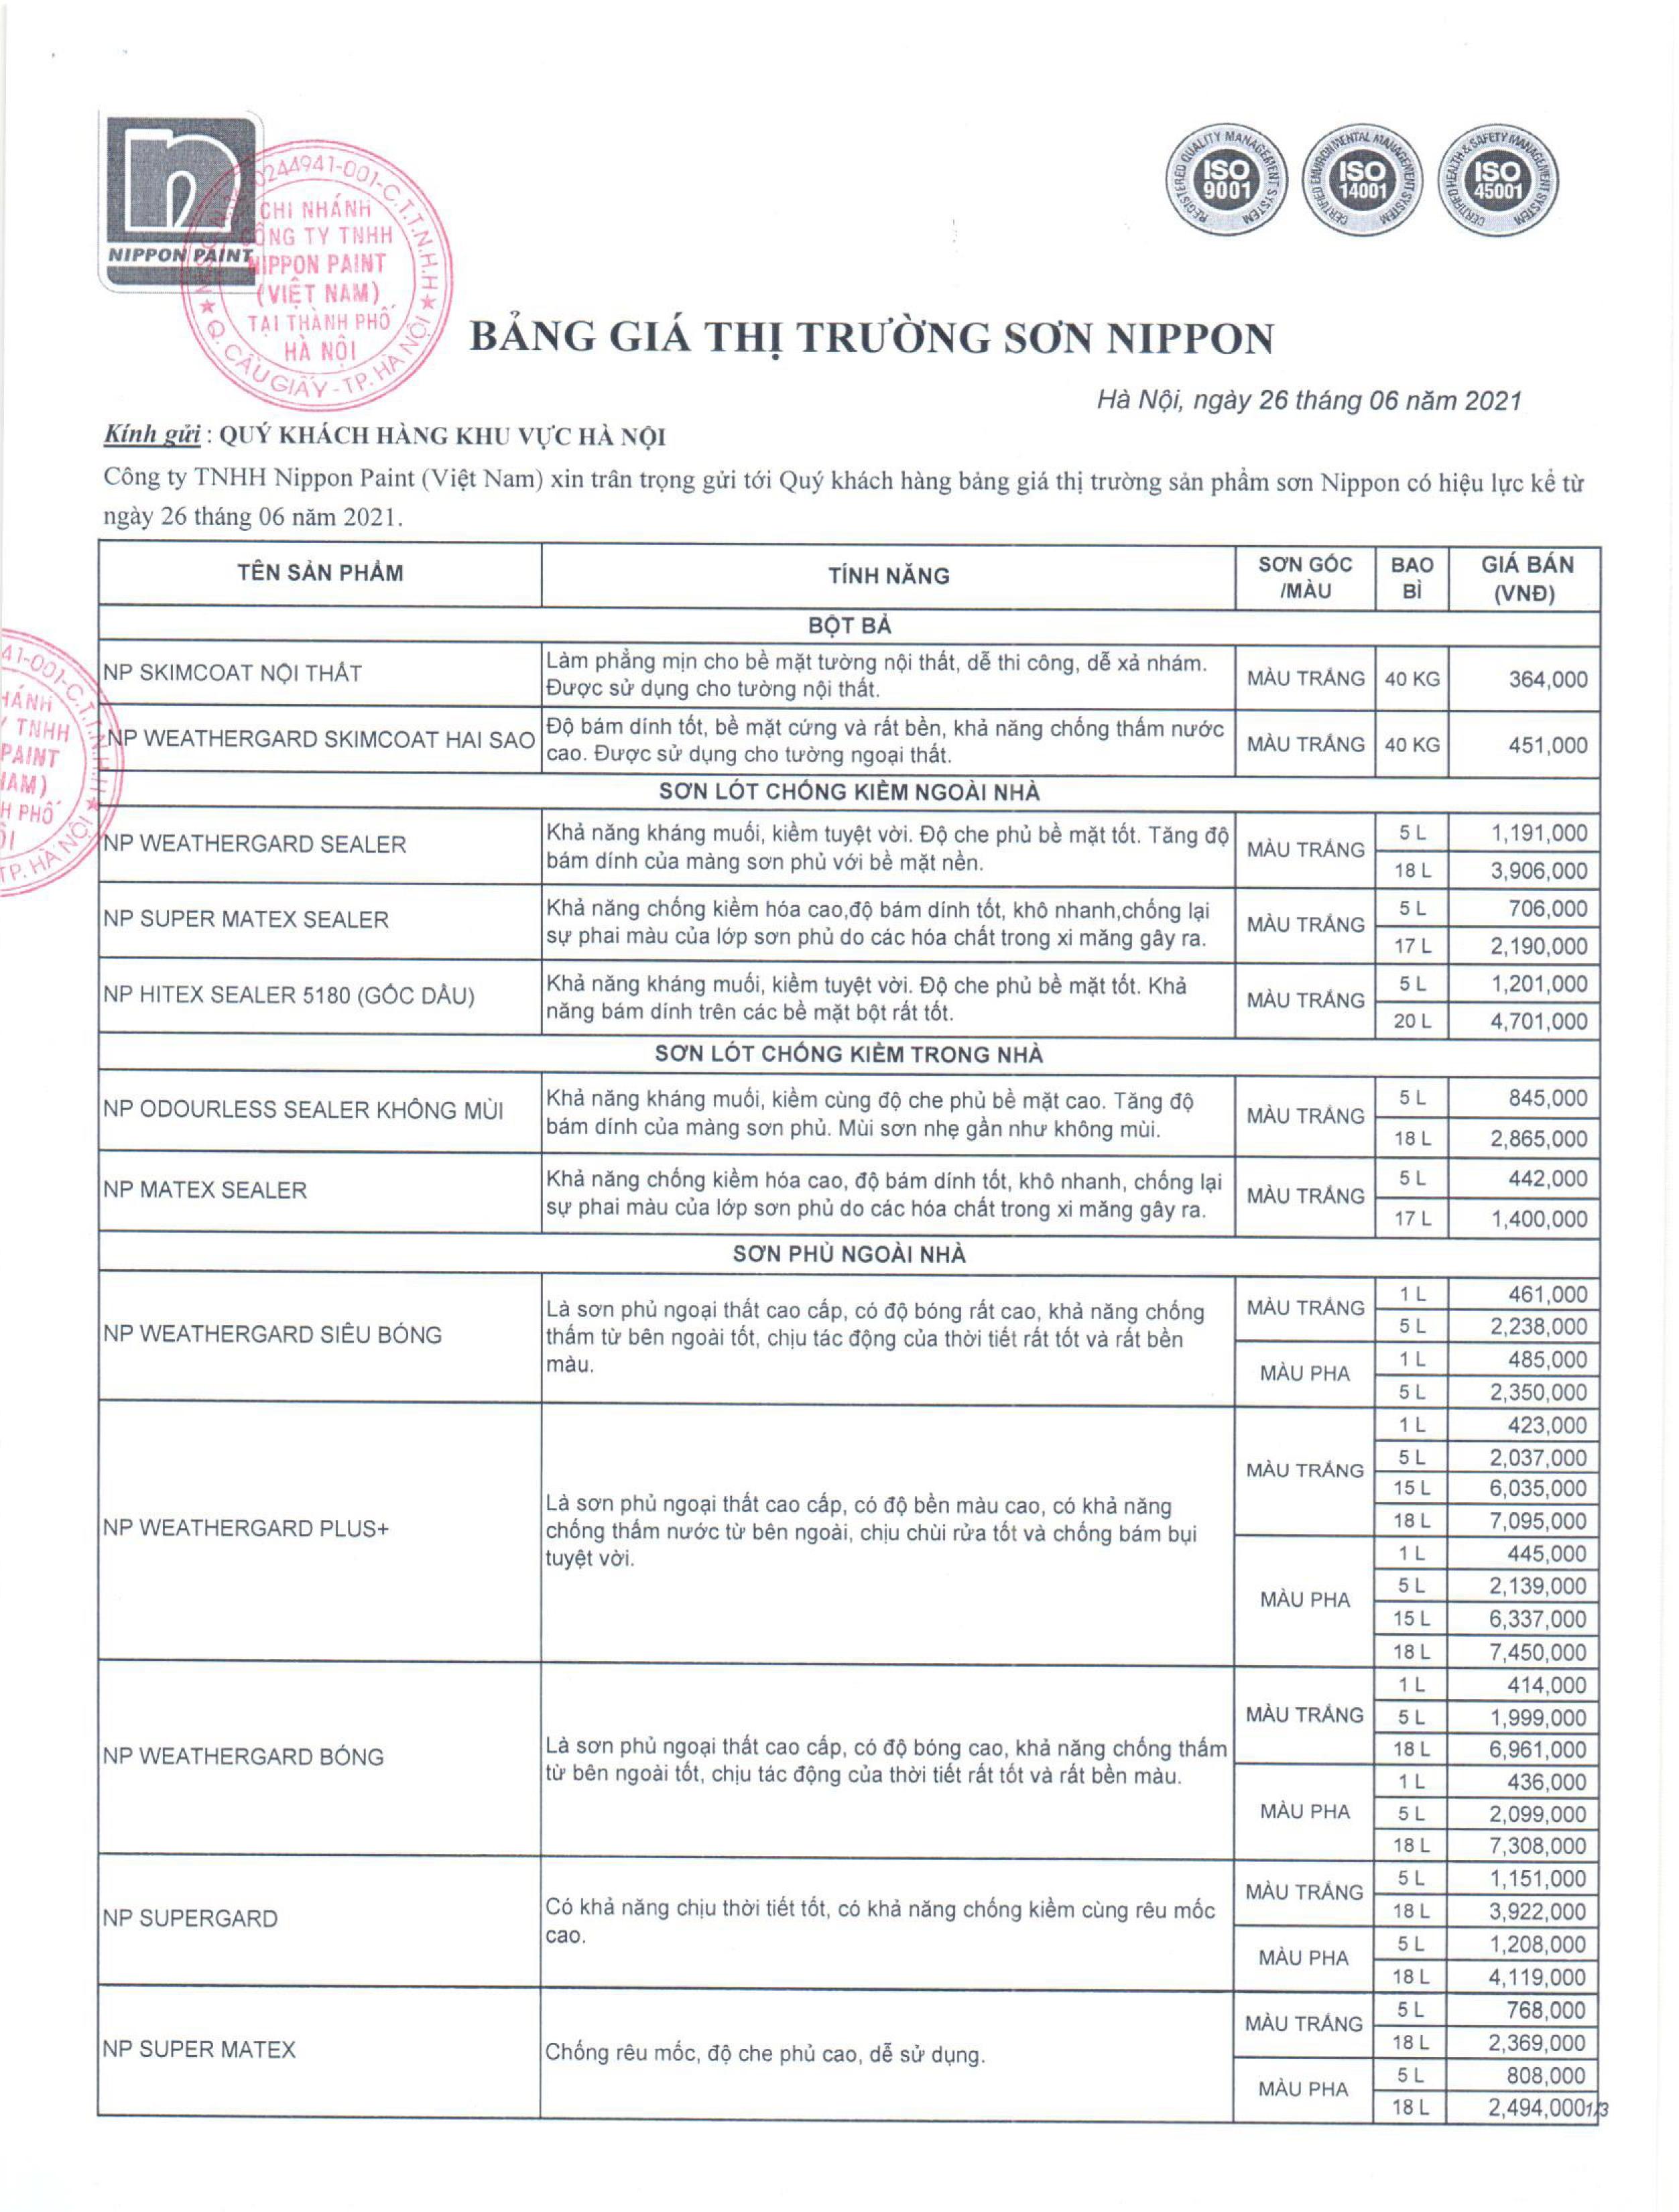 bao-gia-nippon-26-6-2021-1